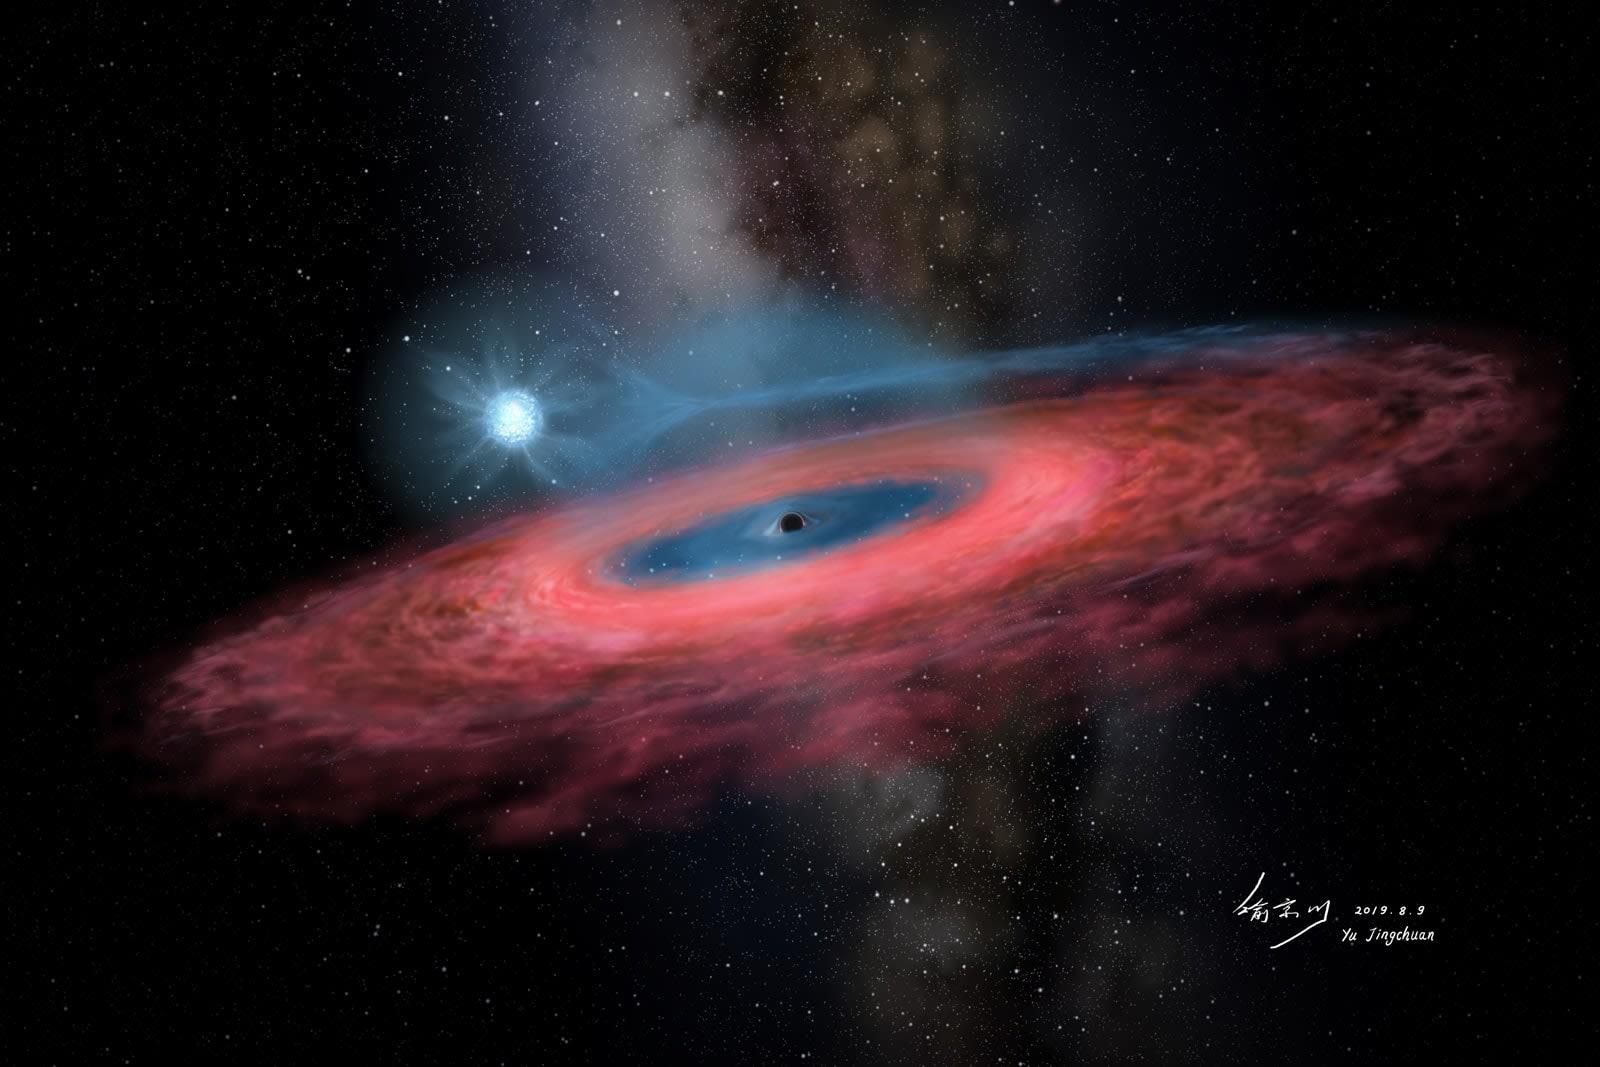 άστρο και μαύρη τρύπα